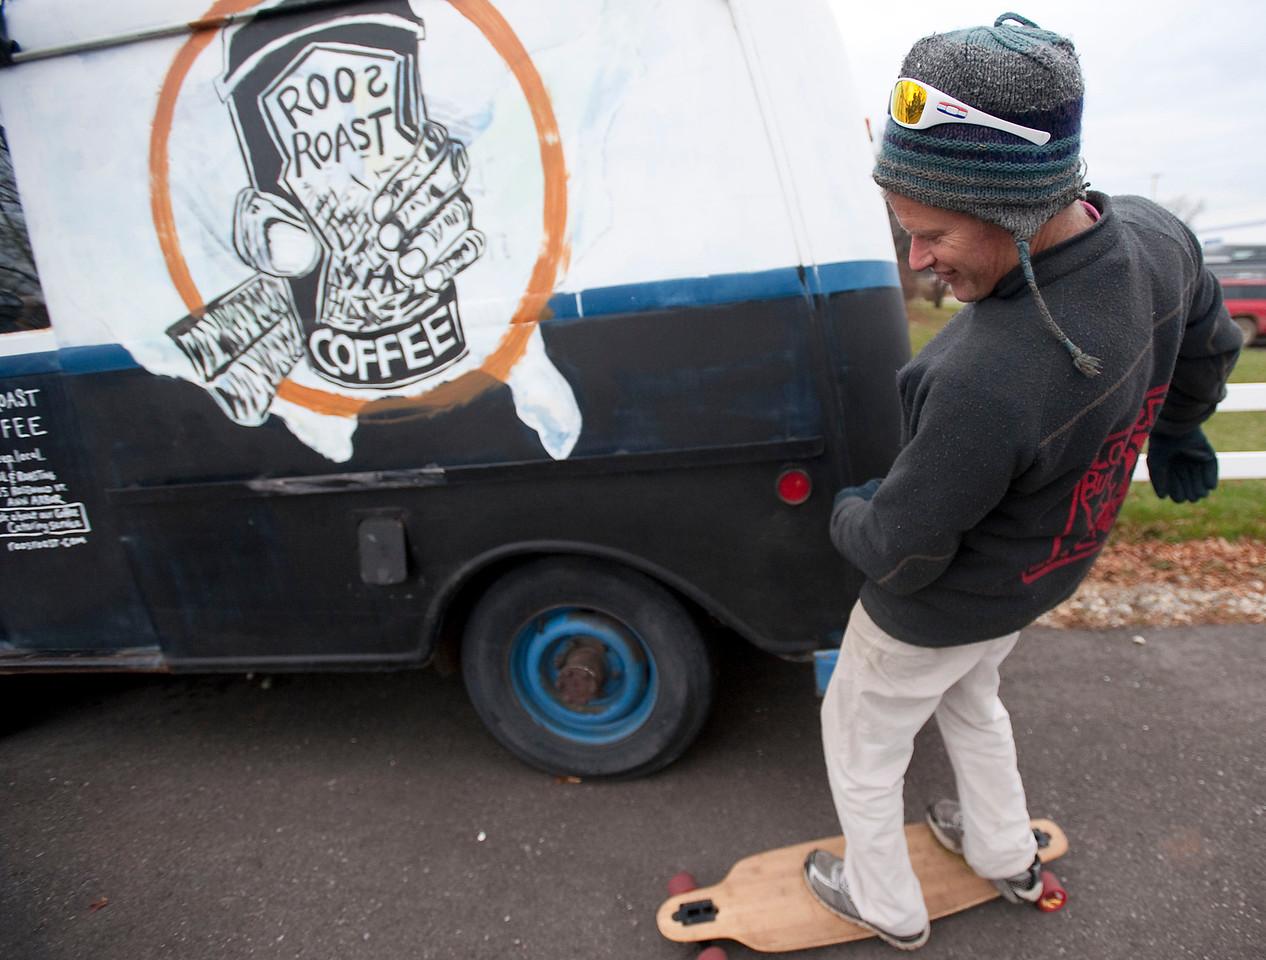 Roos-skateboard